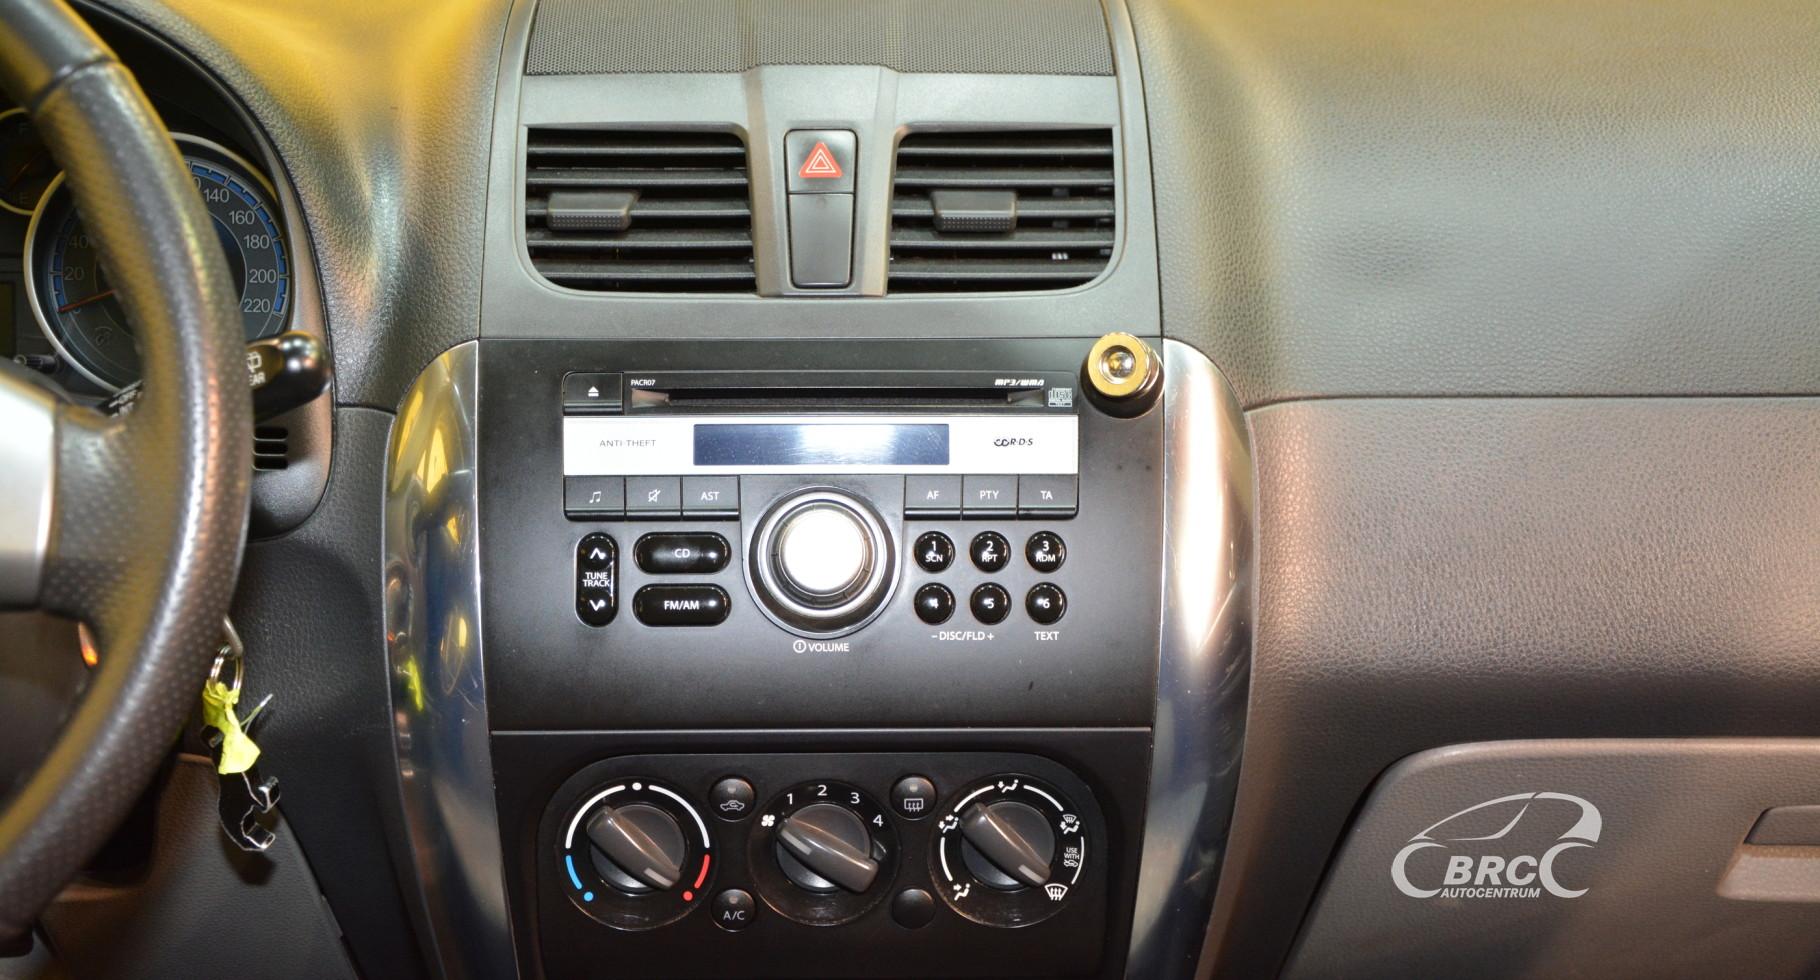 Suzuki SX4 Crossover 1.6VVT 5MT SE